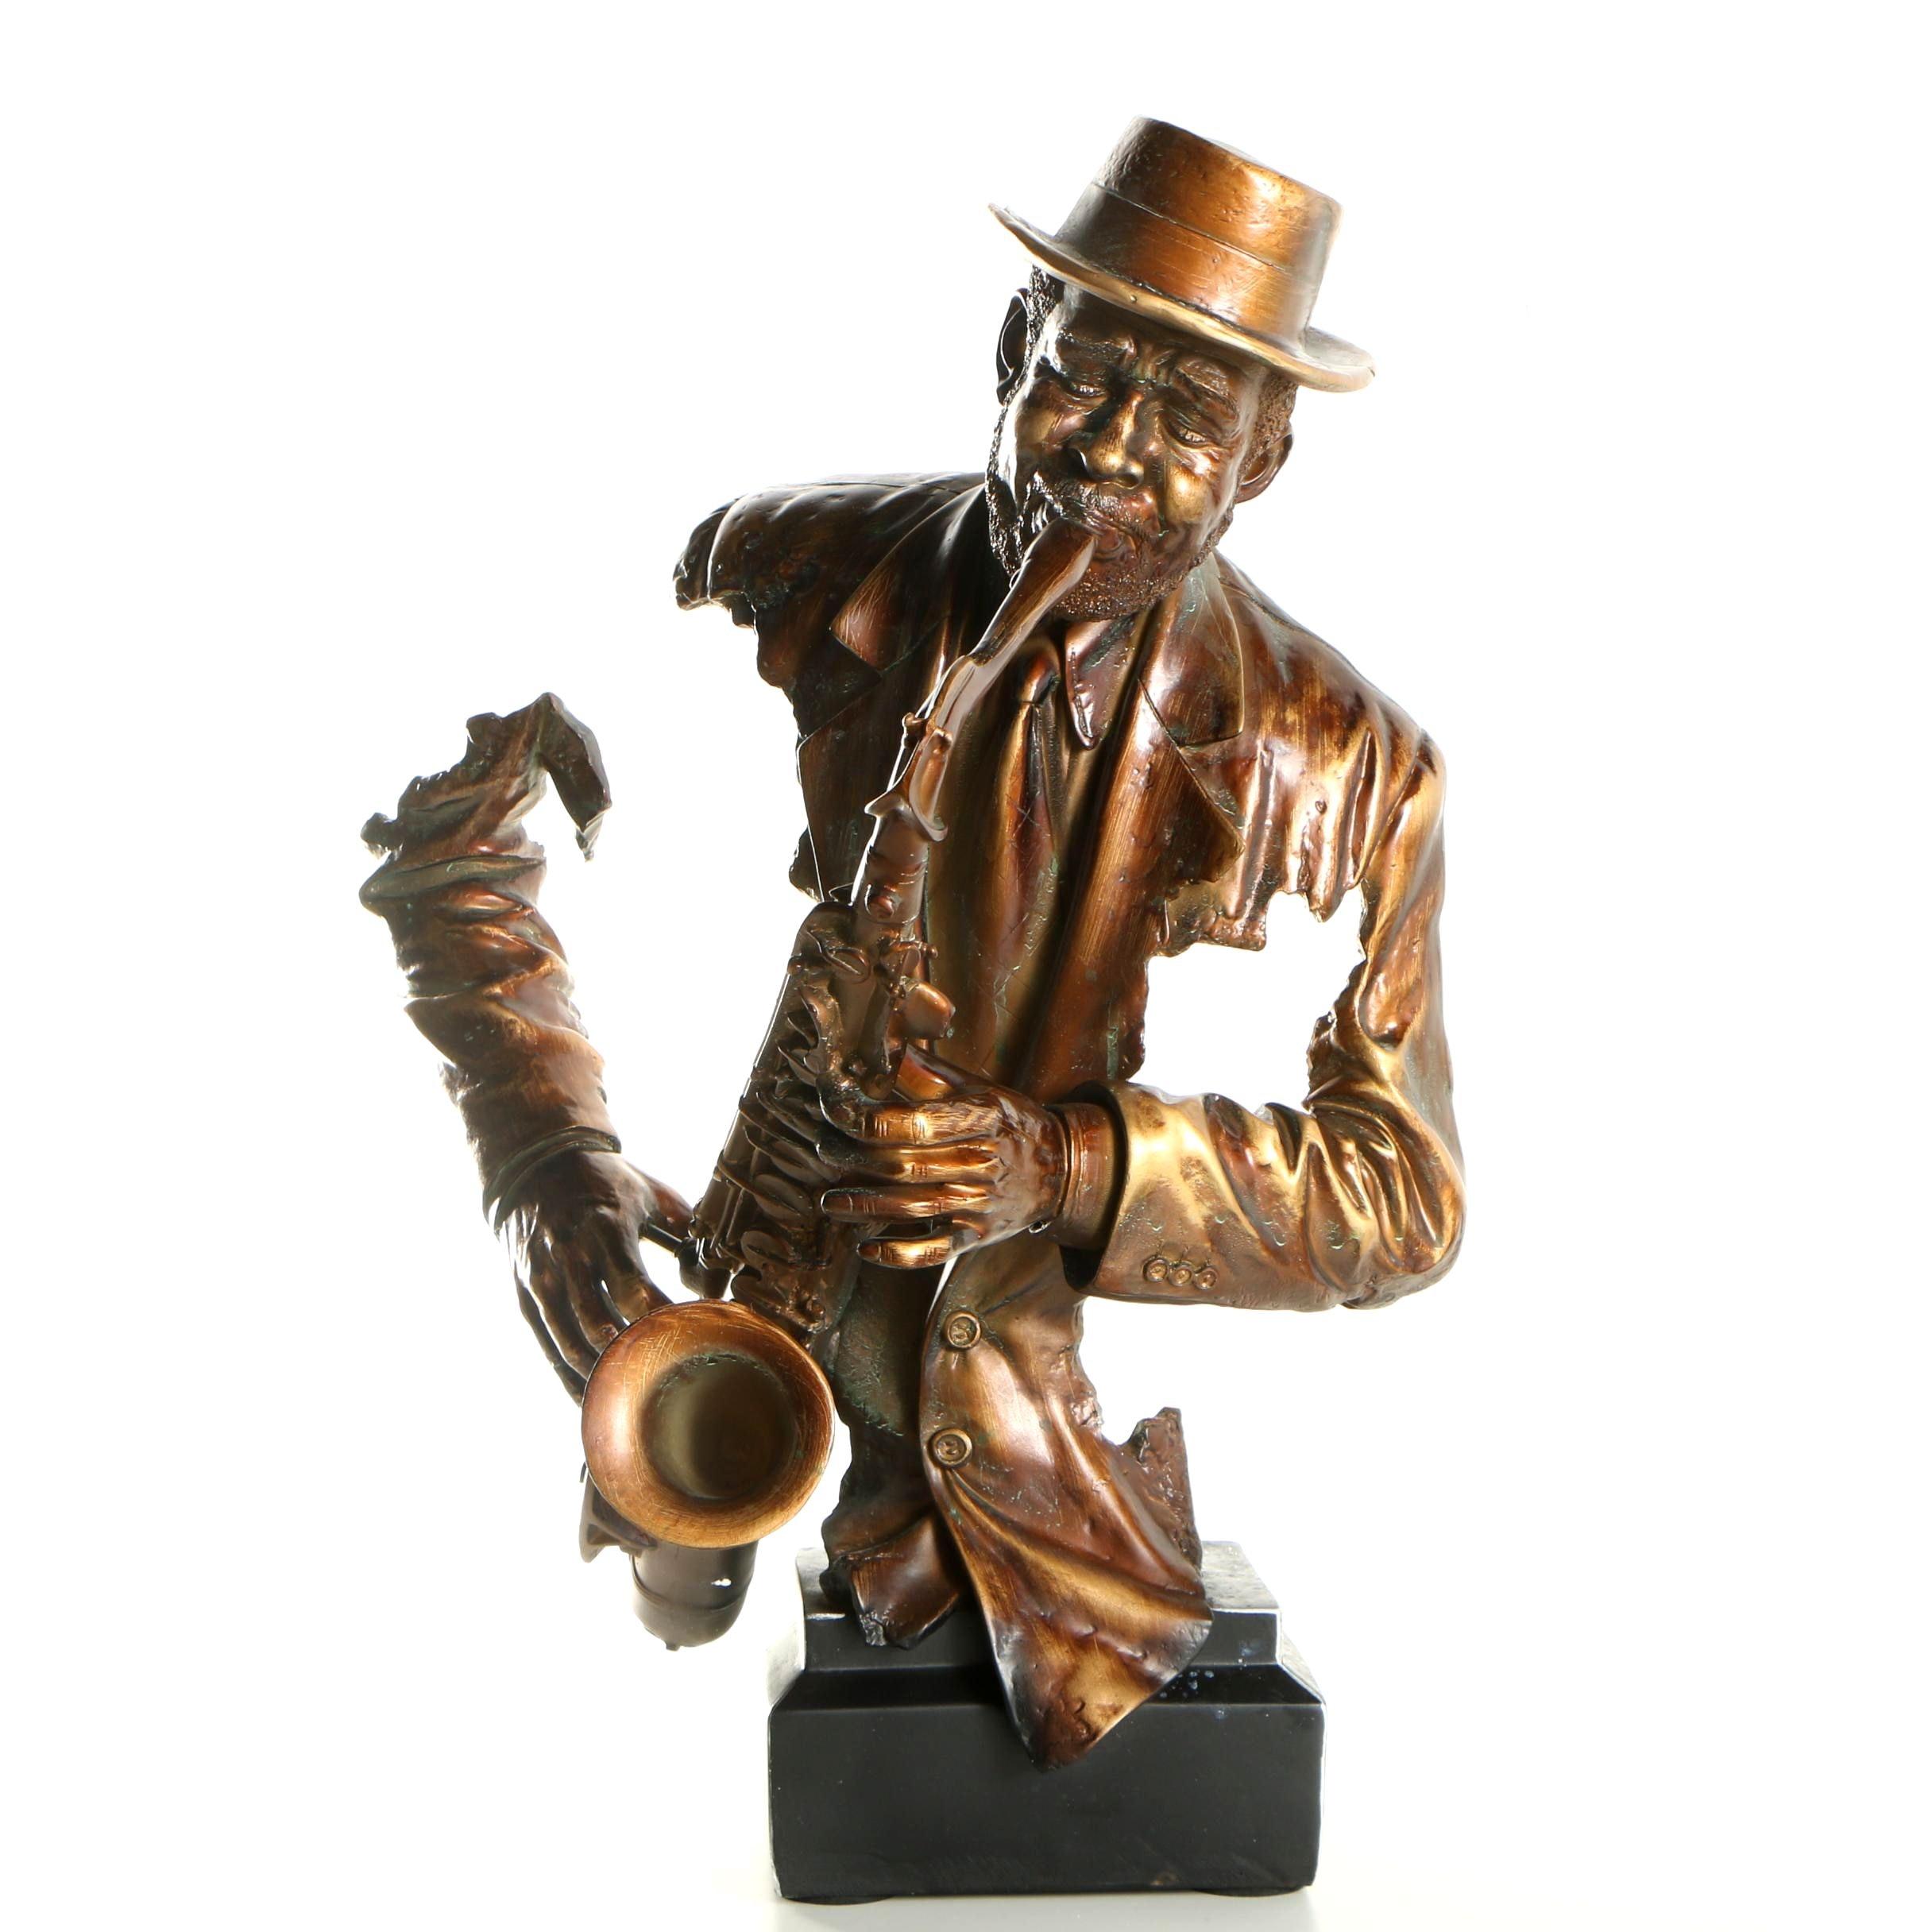 Plaster Sculpture of a Jazz Musician